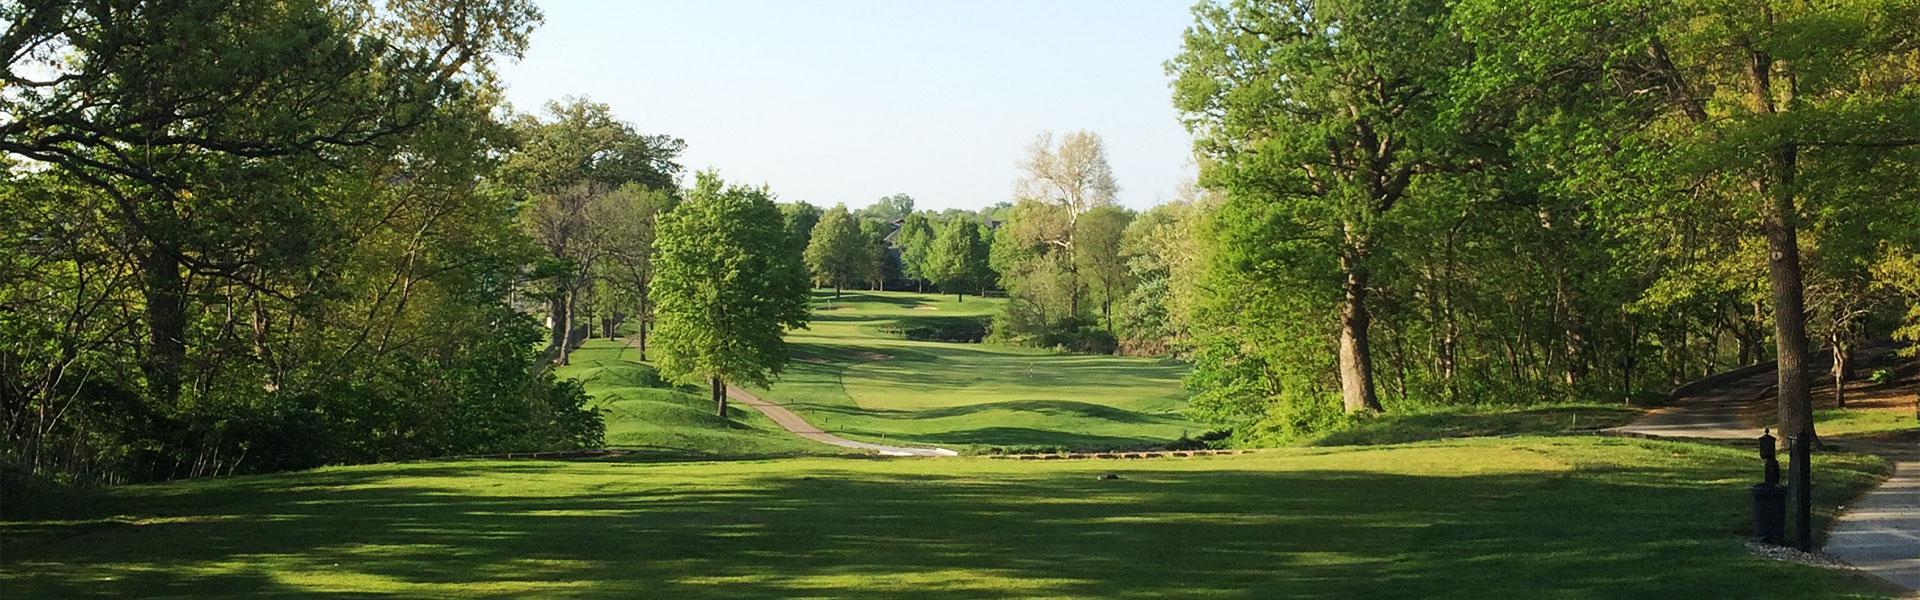 Deer Creek Golf Club Visitor's Guide